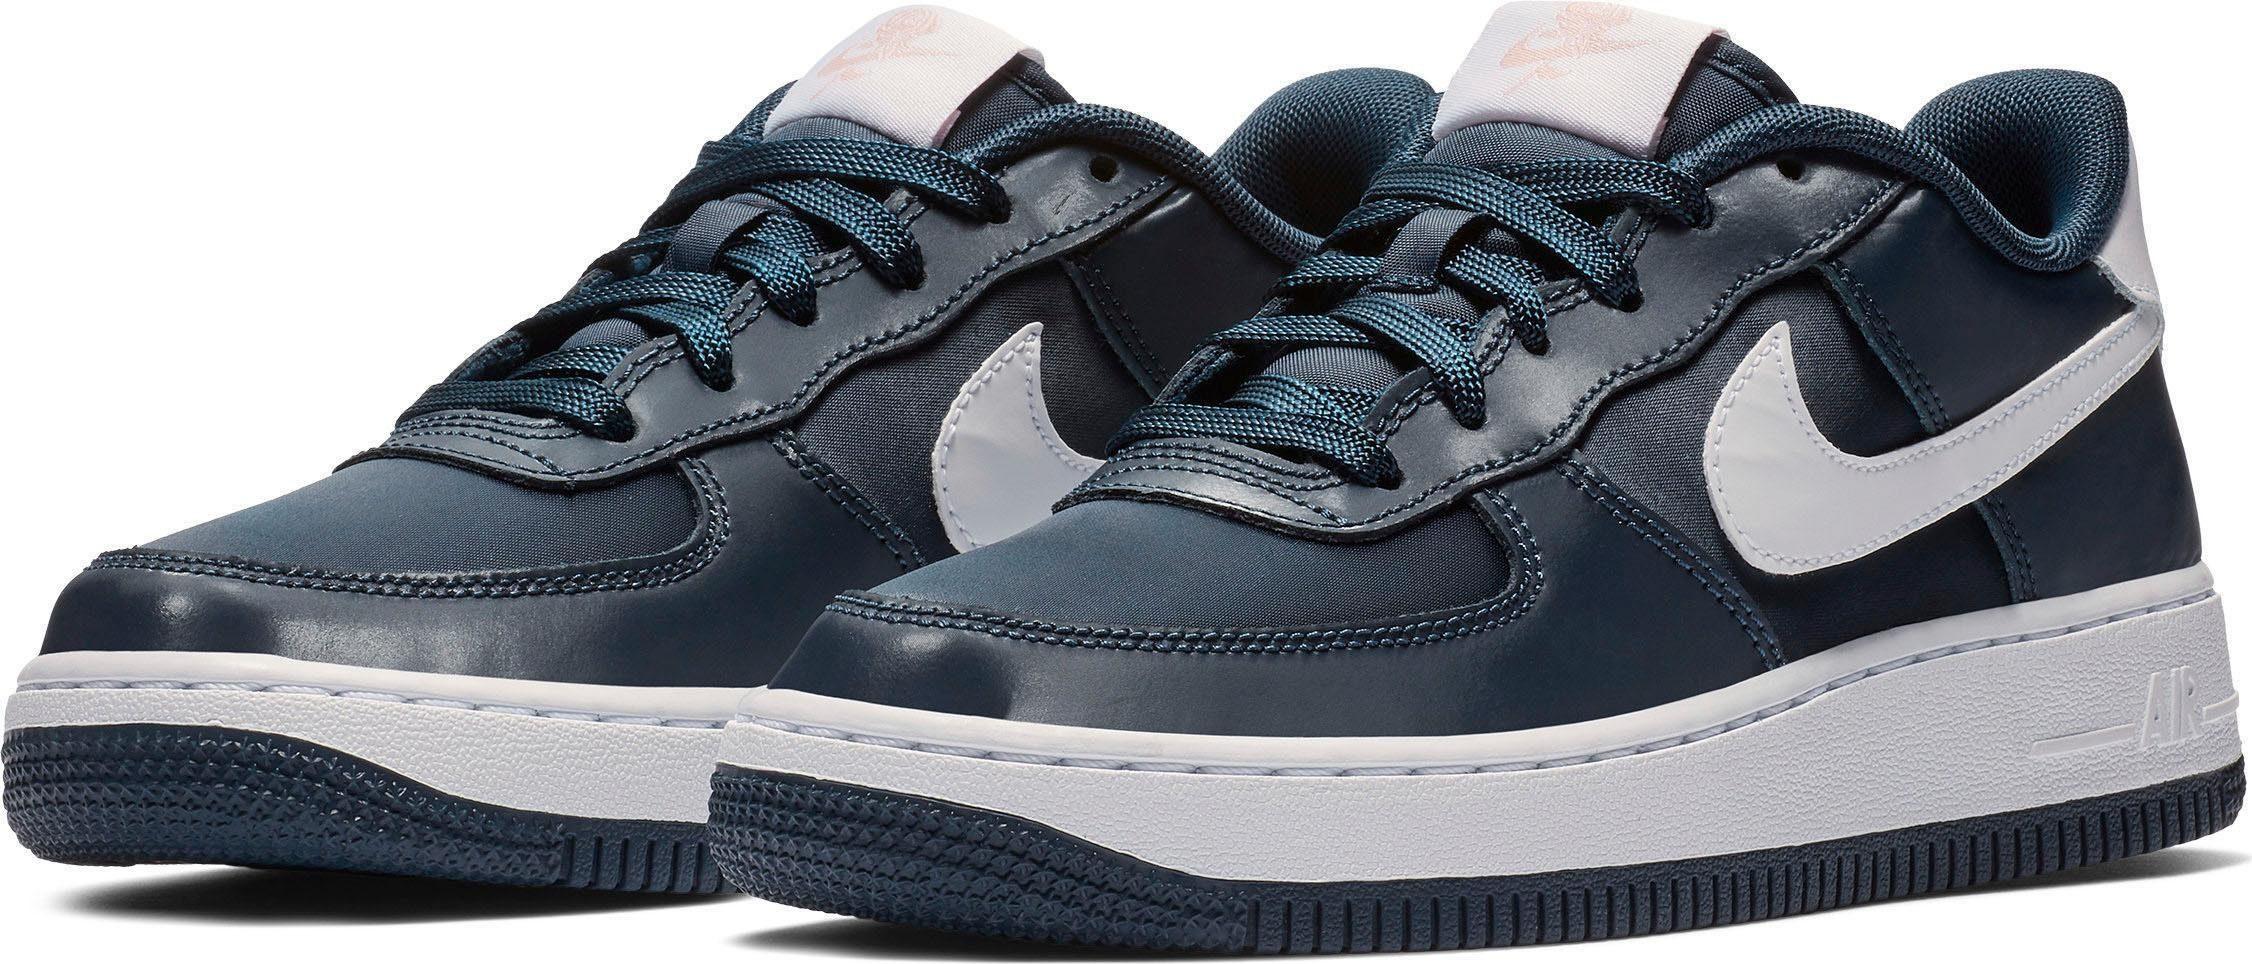 Stylische NIKE Sneaker Gr 36